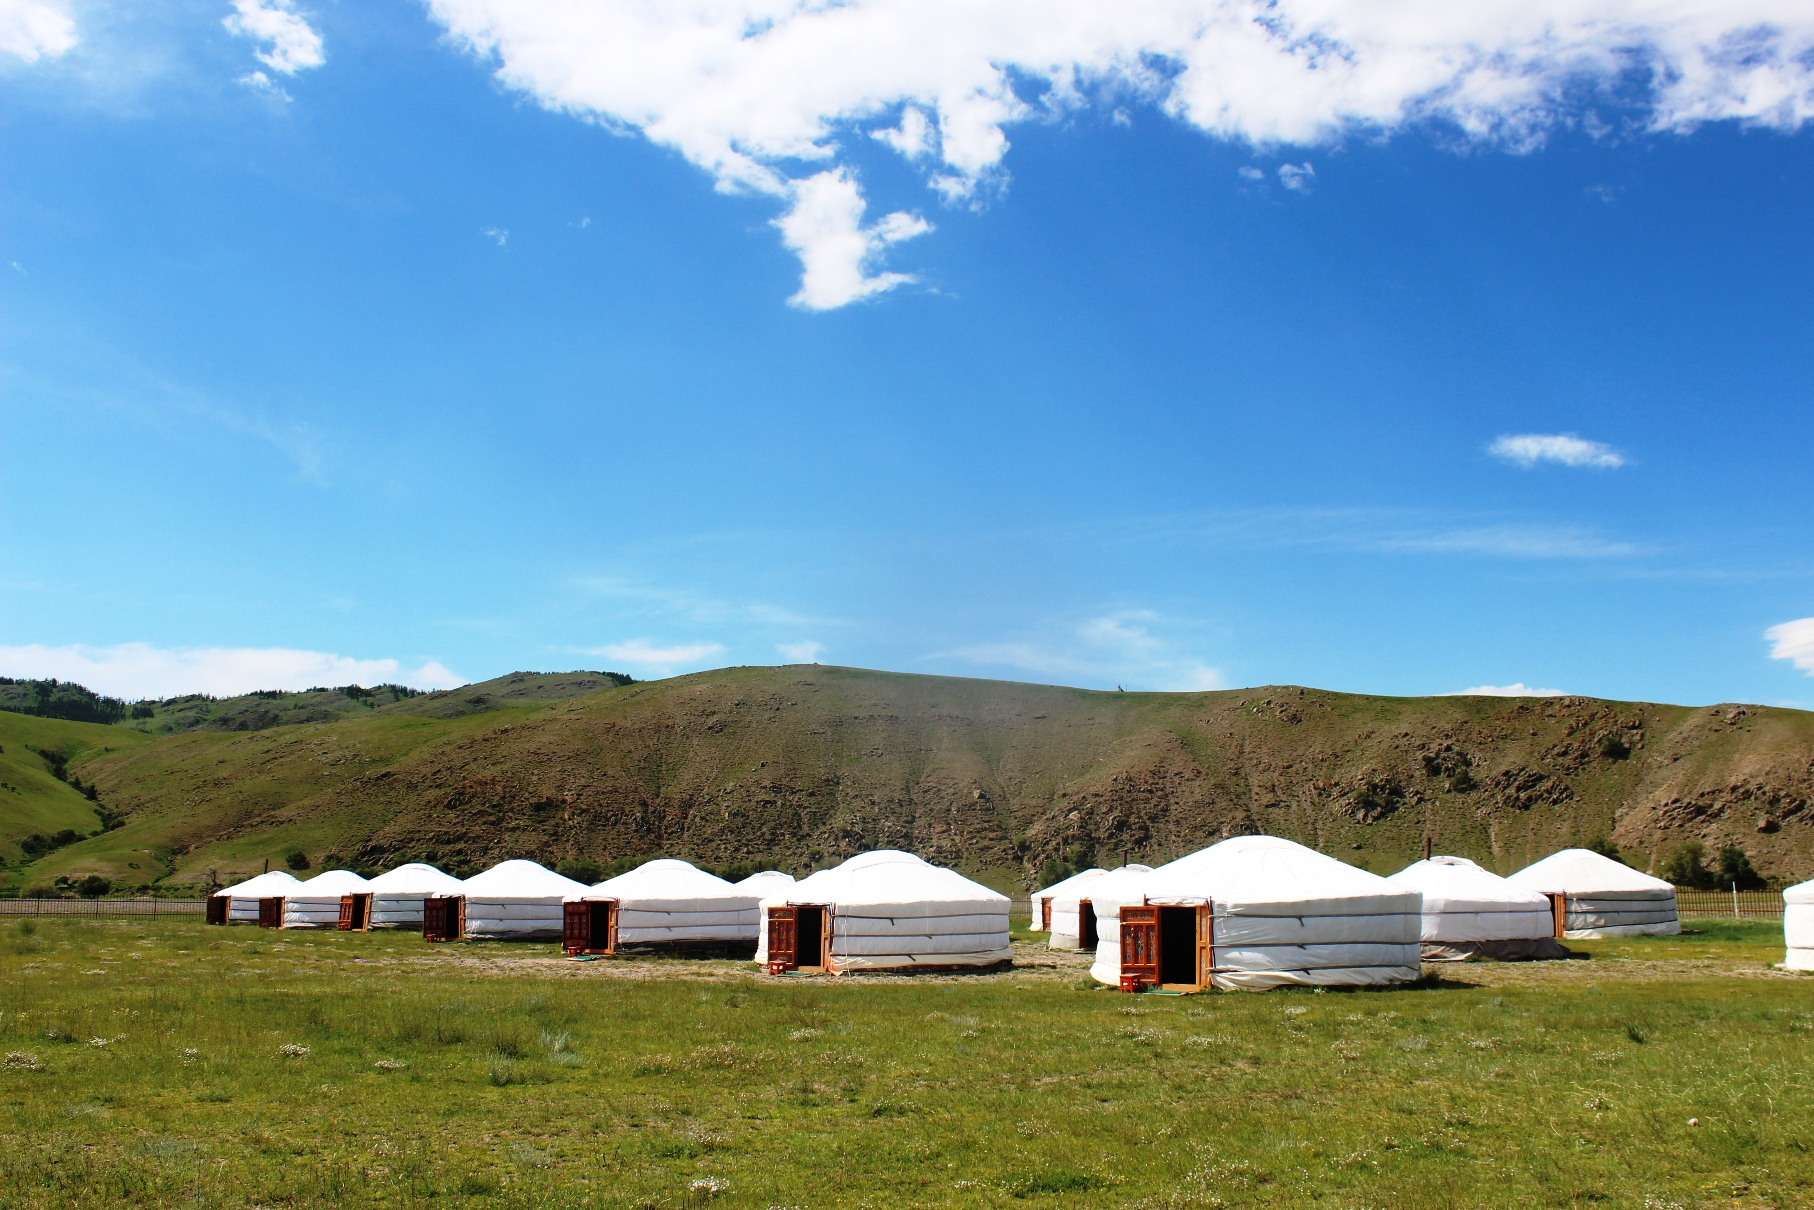 ゲル形式のツーリストキャンプ